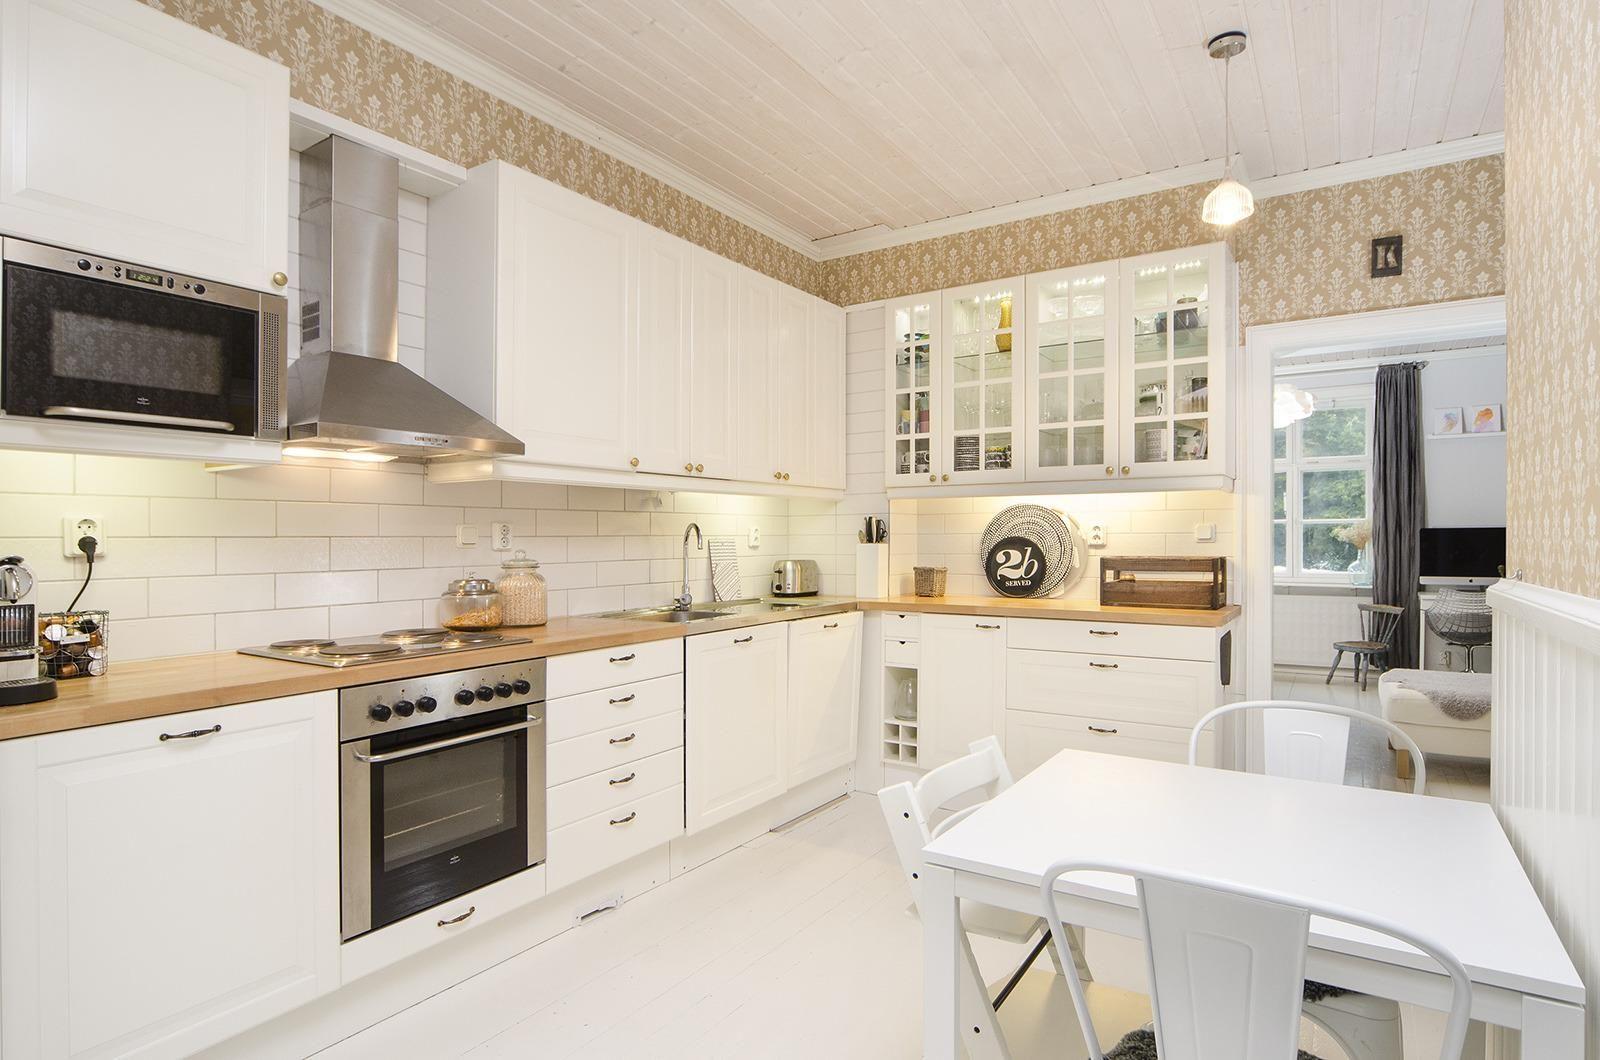 Maalaisromanttinen keittiö, Etuovi.com Asunnot, 55e588b6e4b02889961857ac - Etuovi.com Sisustus